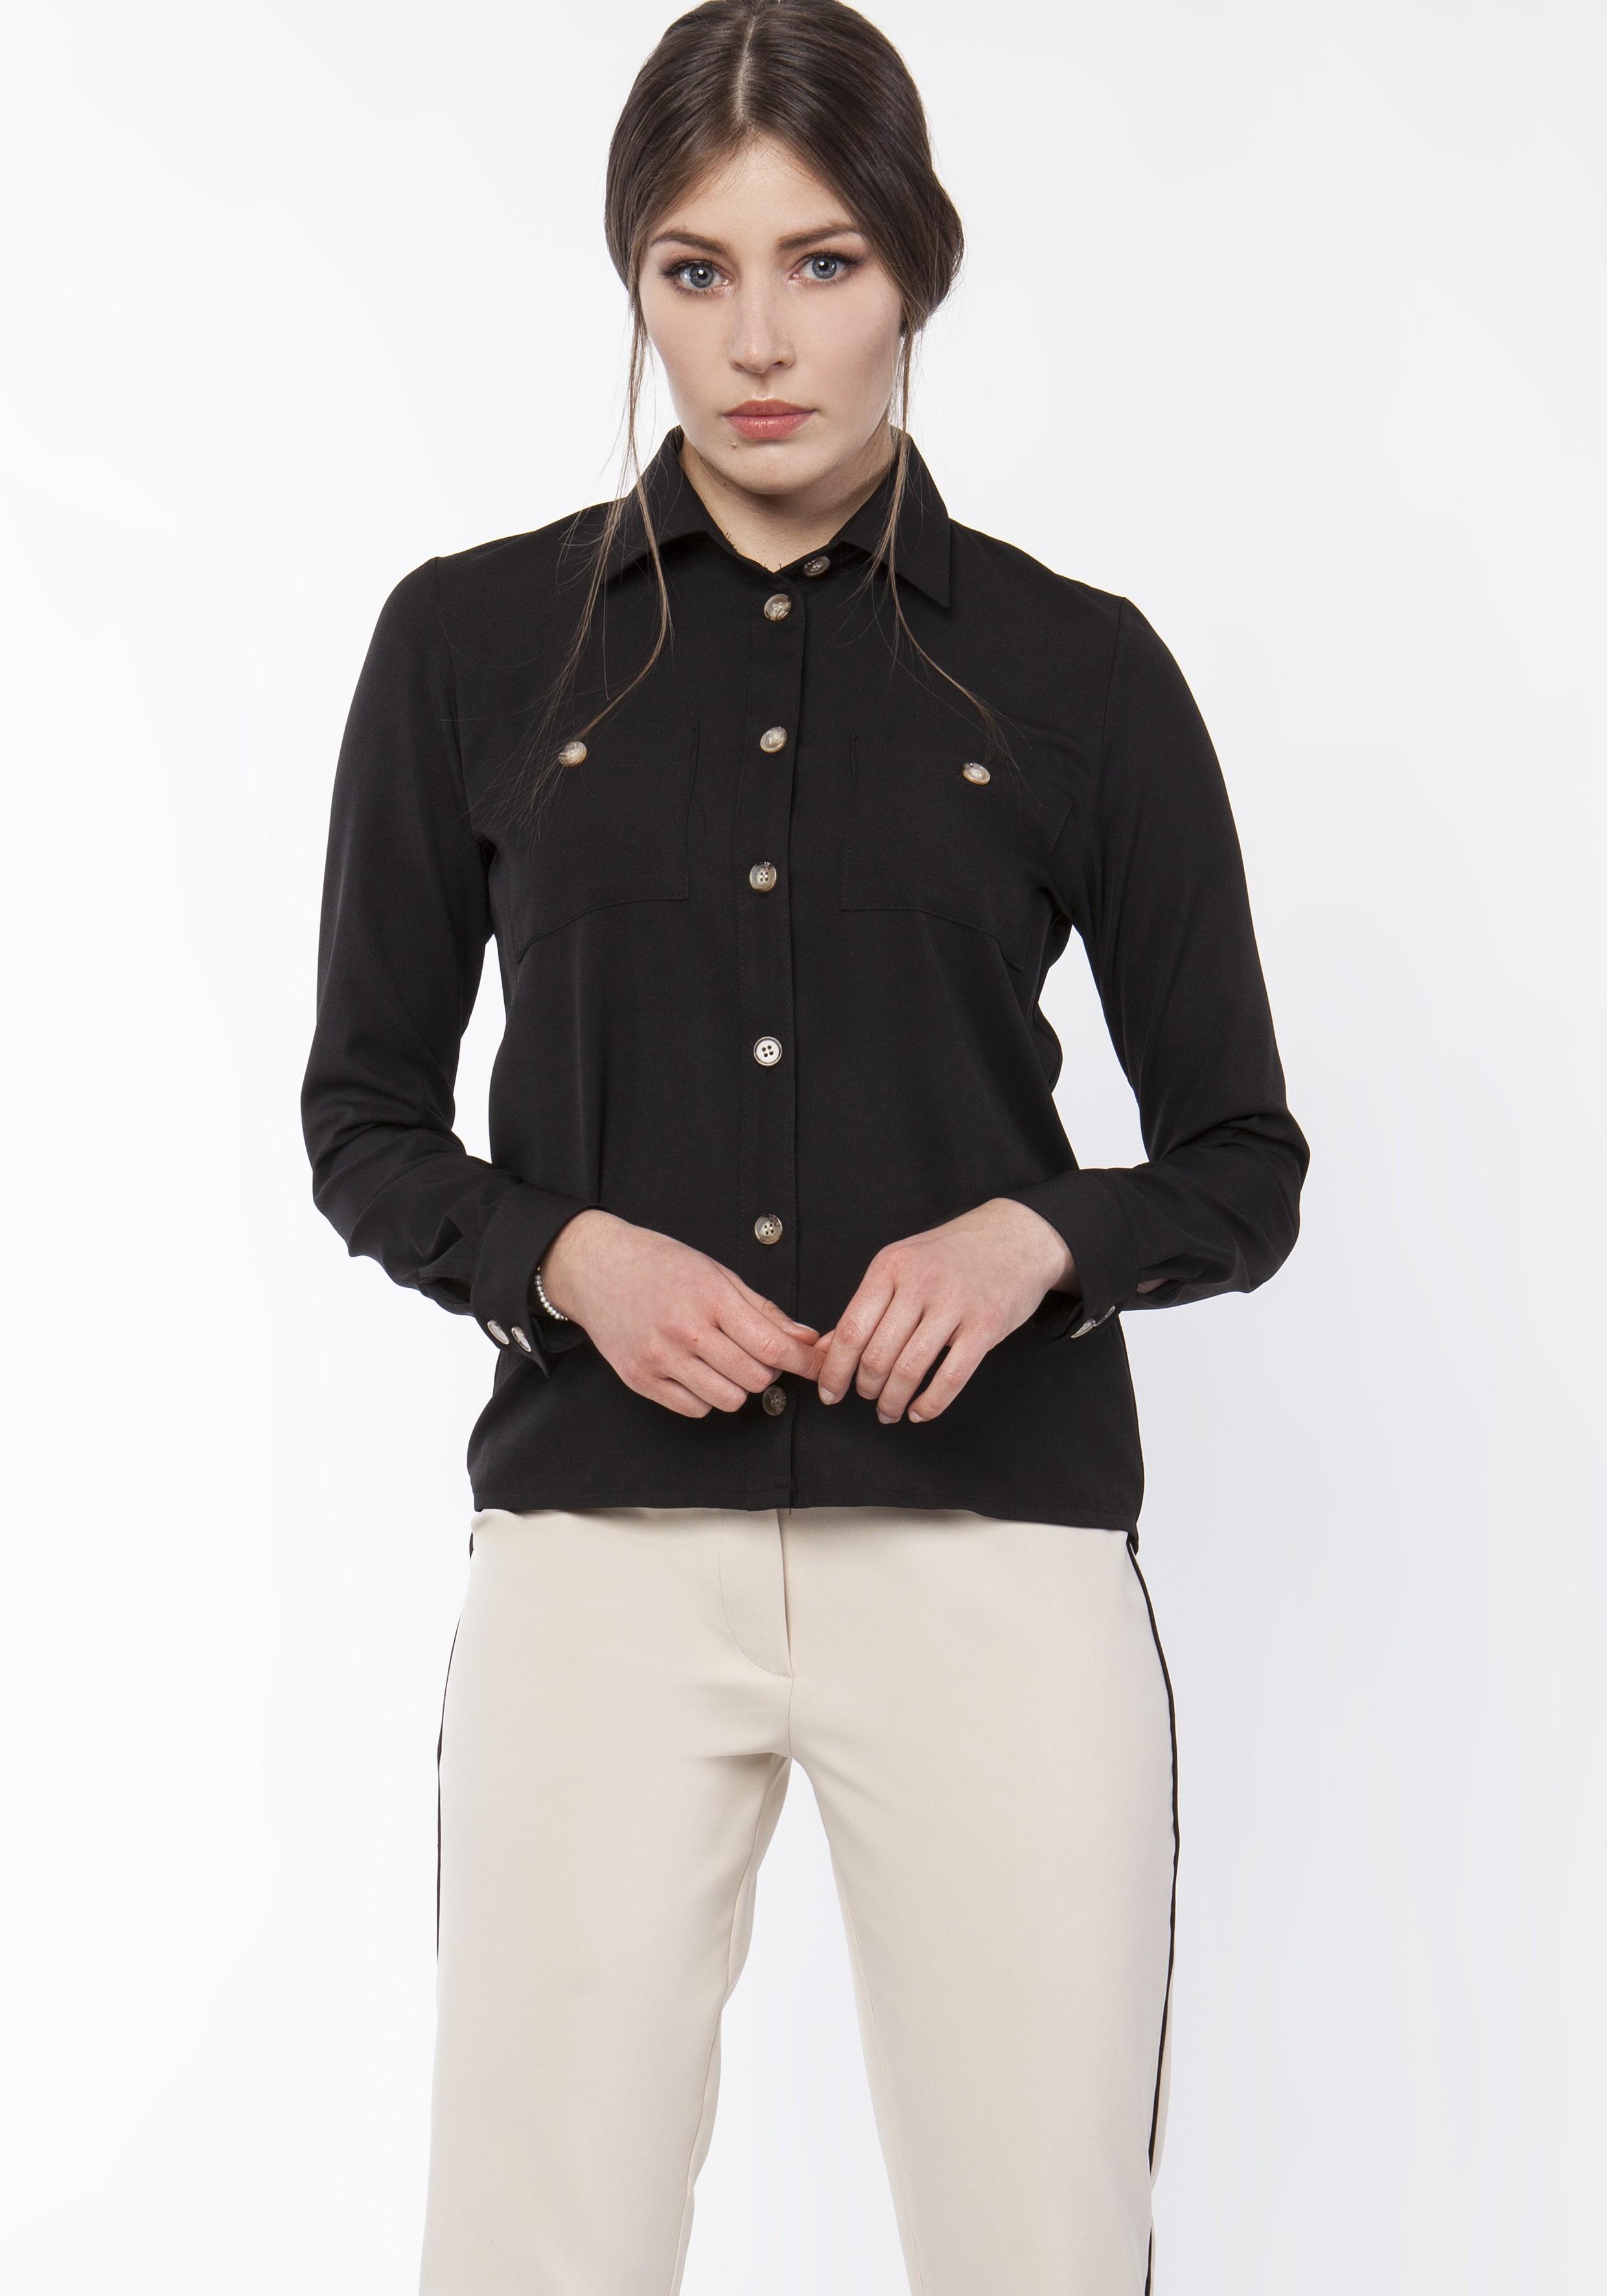 bafeb282 Koszula damska z dłuższym tyłem, K113 czarny - Lanti